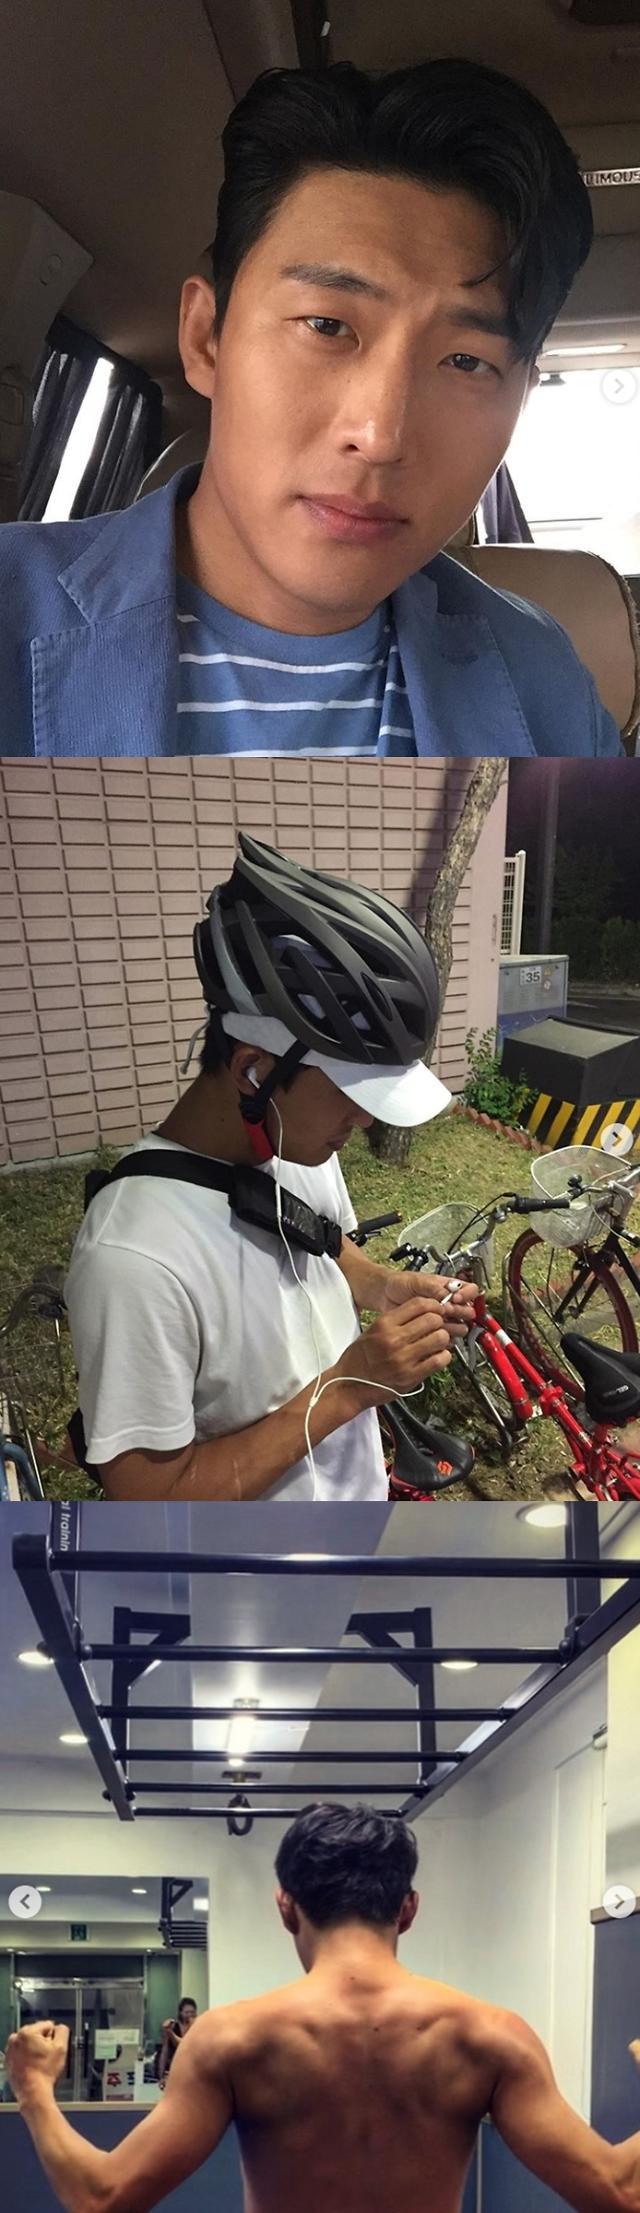 미우새 고준, 일상사진 공개…복싱부터 골프까지 열혈 운동 중